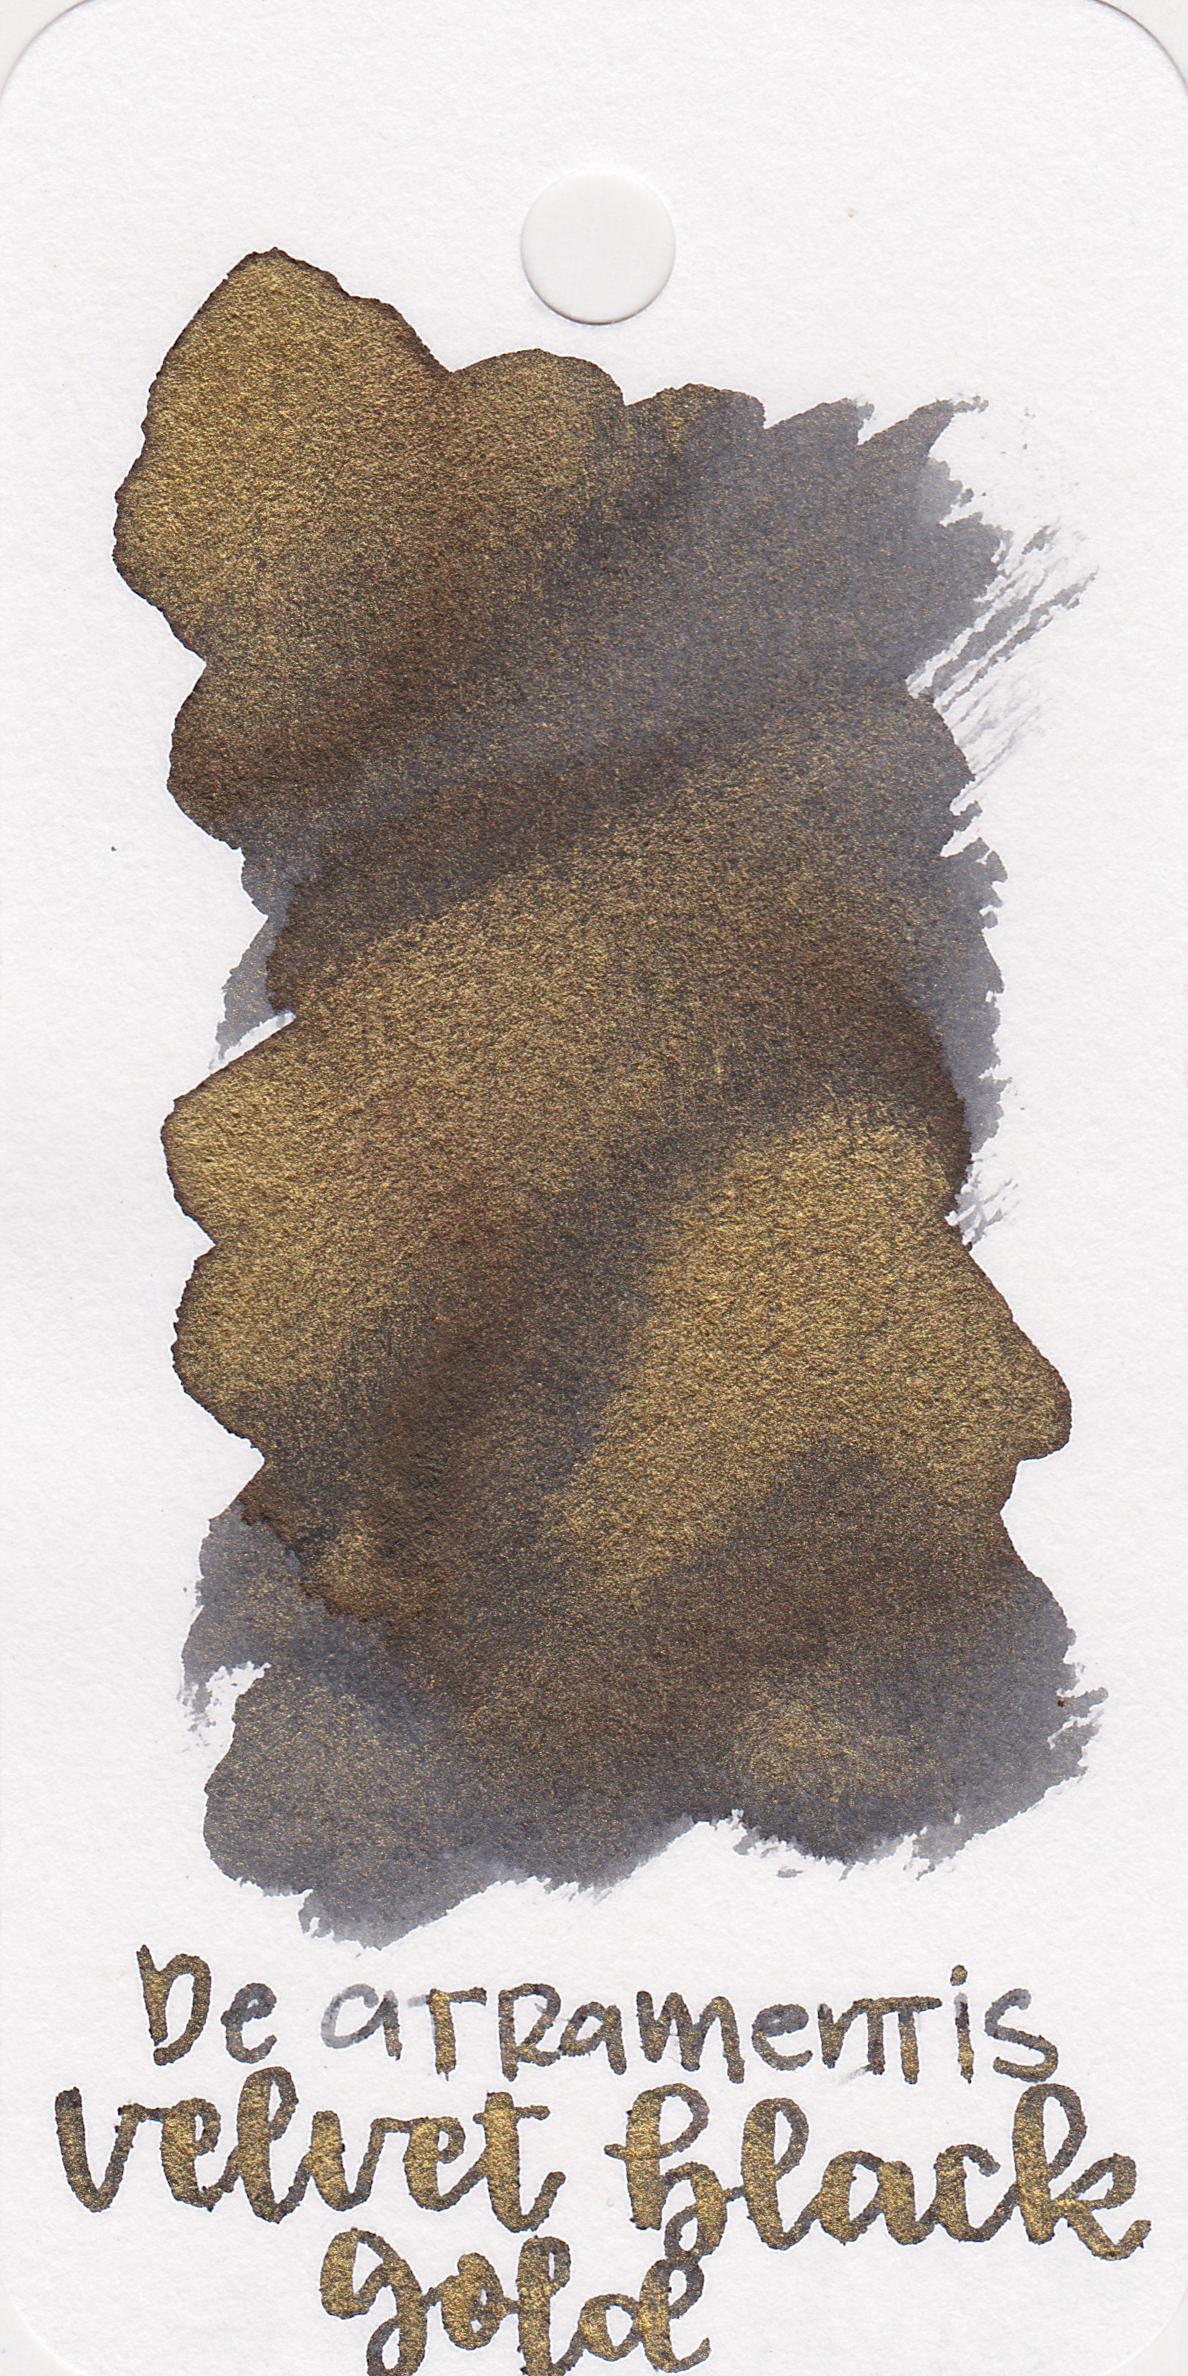 da-velvet-black-gold-1.jpg